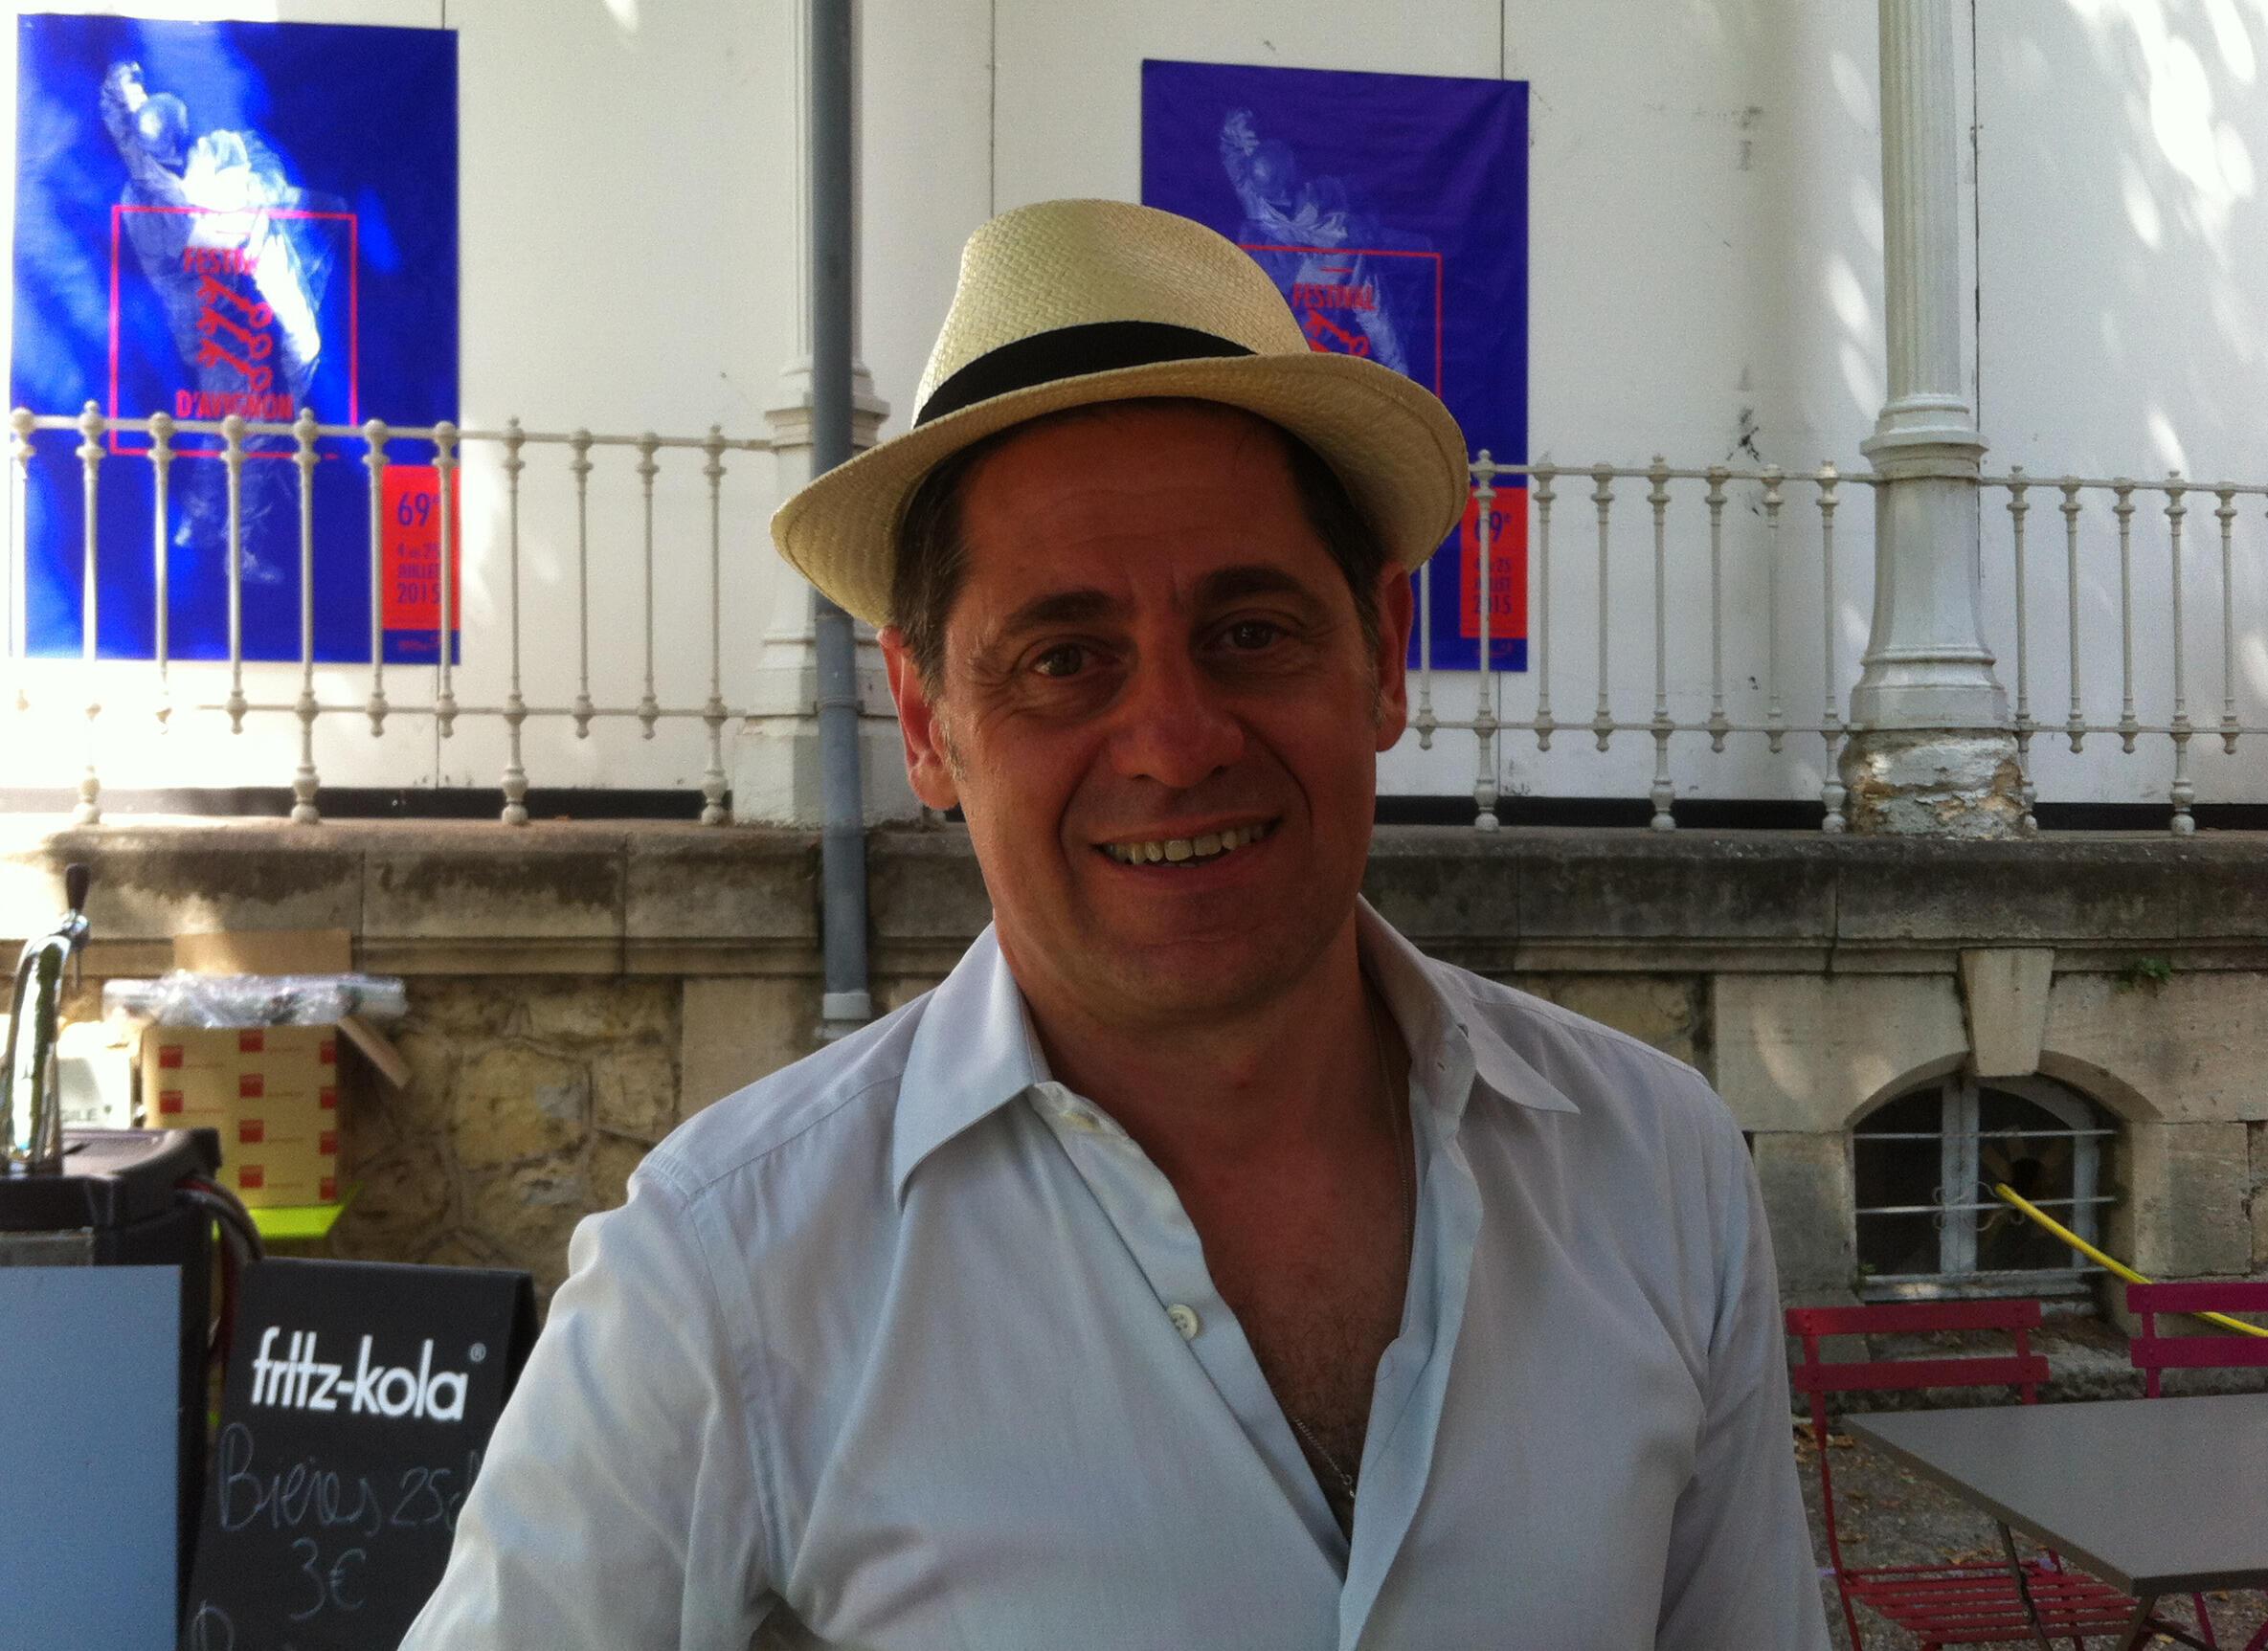 Olivier Py, le directeur du Festival d'Avignon, le 4 juillet 2015, quelques heures avant la première de sa mise en scène du Roi Lear de Shakespeare dans la Cour d'Honneur du Palais des Papes.